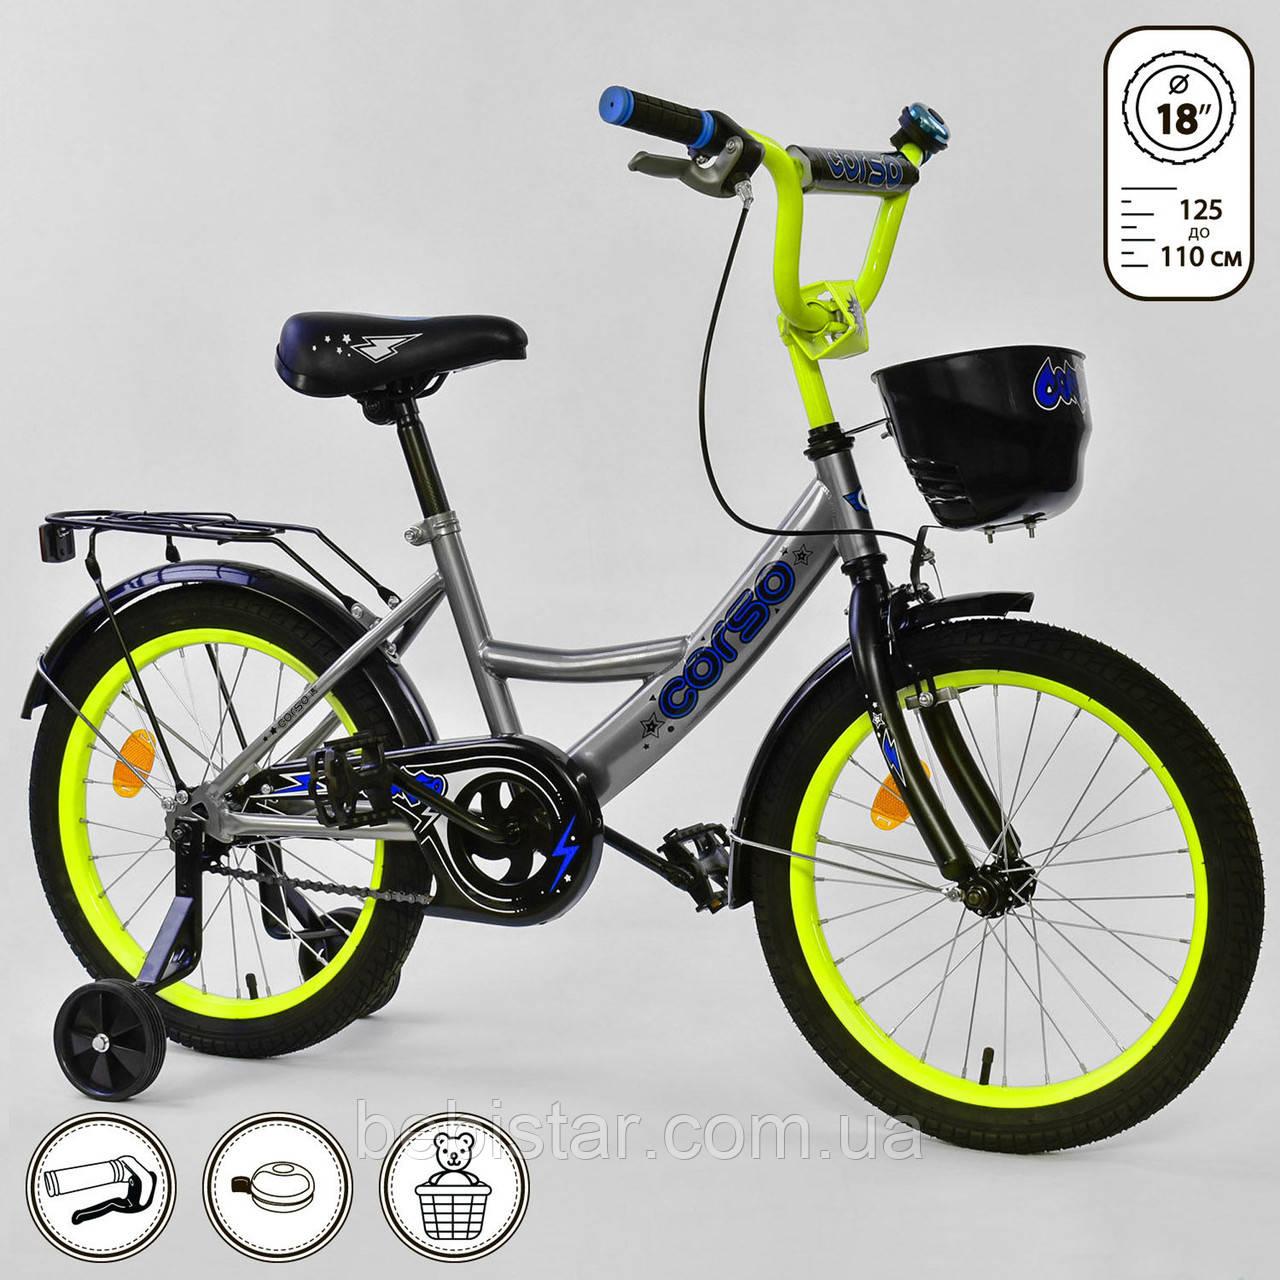 """Детский двухколесный велосипед серебряный, дополнительные колеса, ручной тормоз Corso 18"""" детям 5-7 лет"""